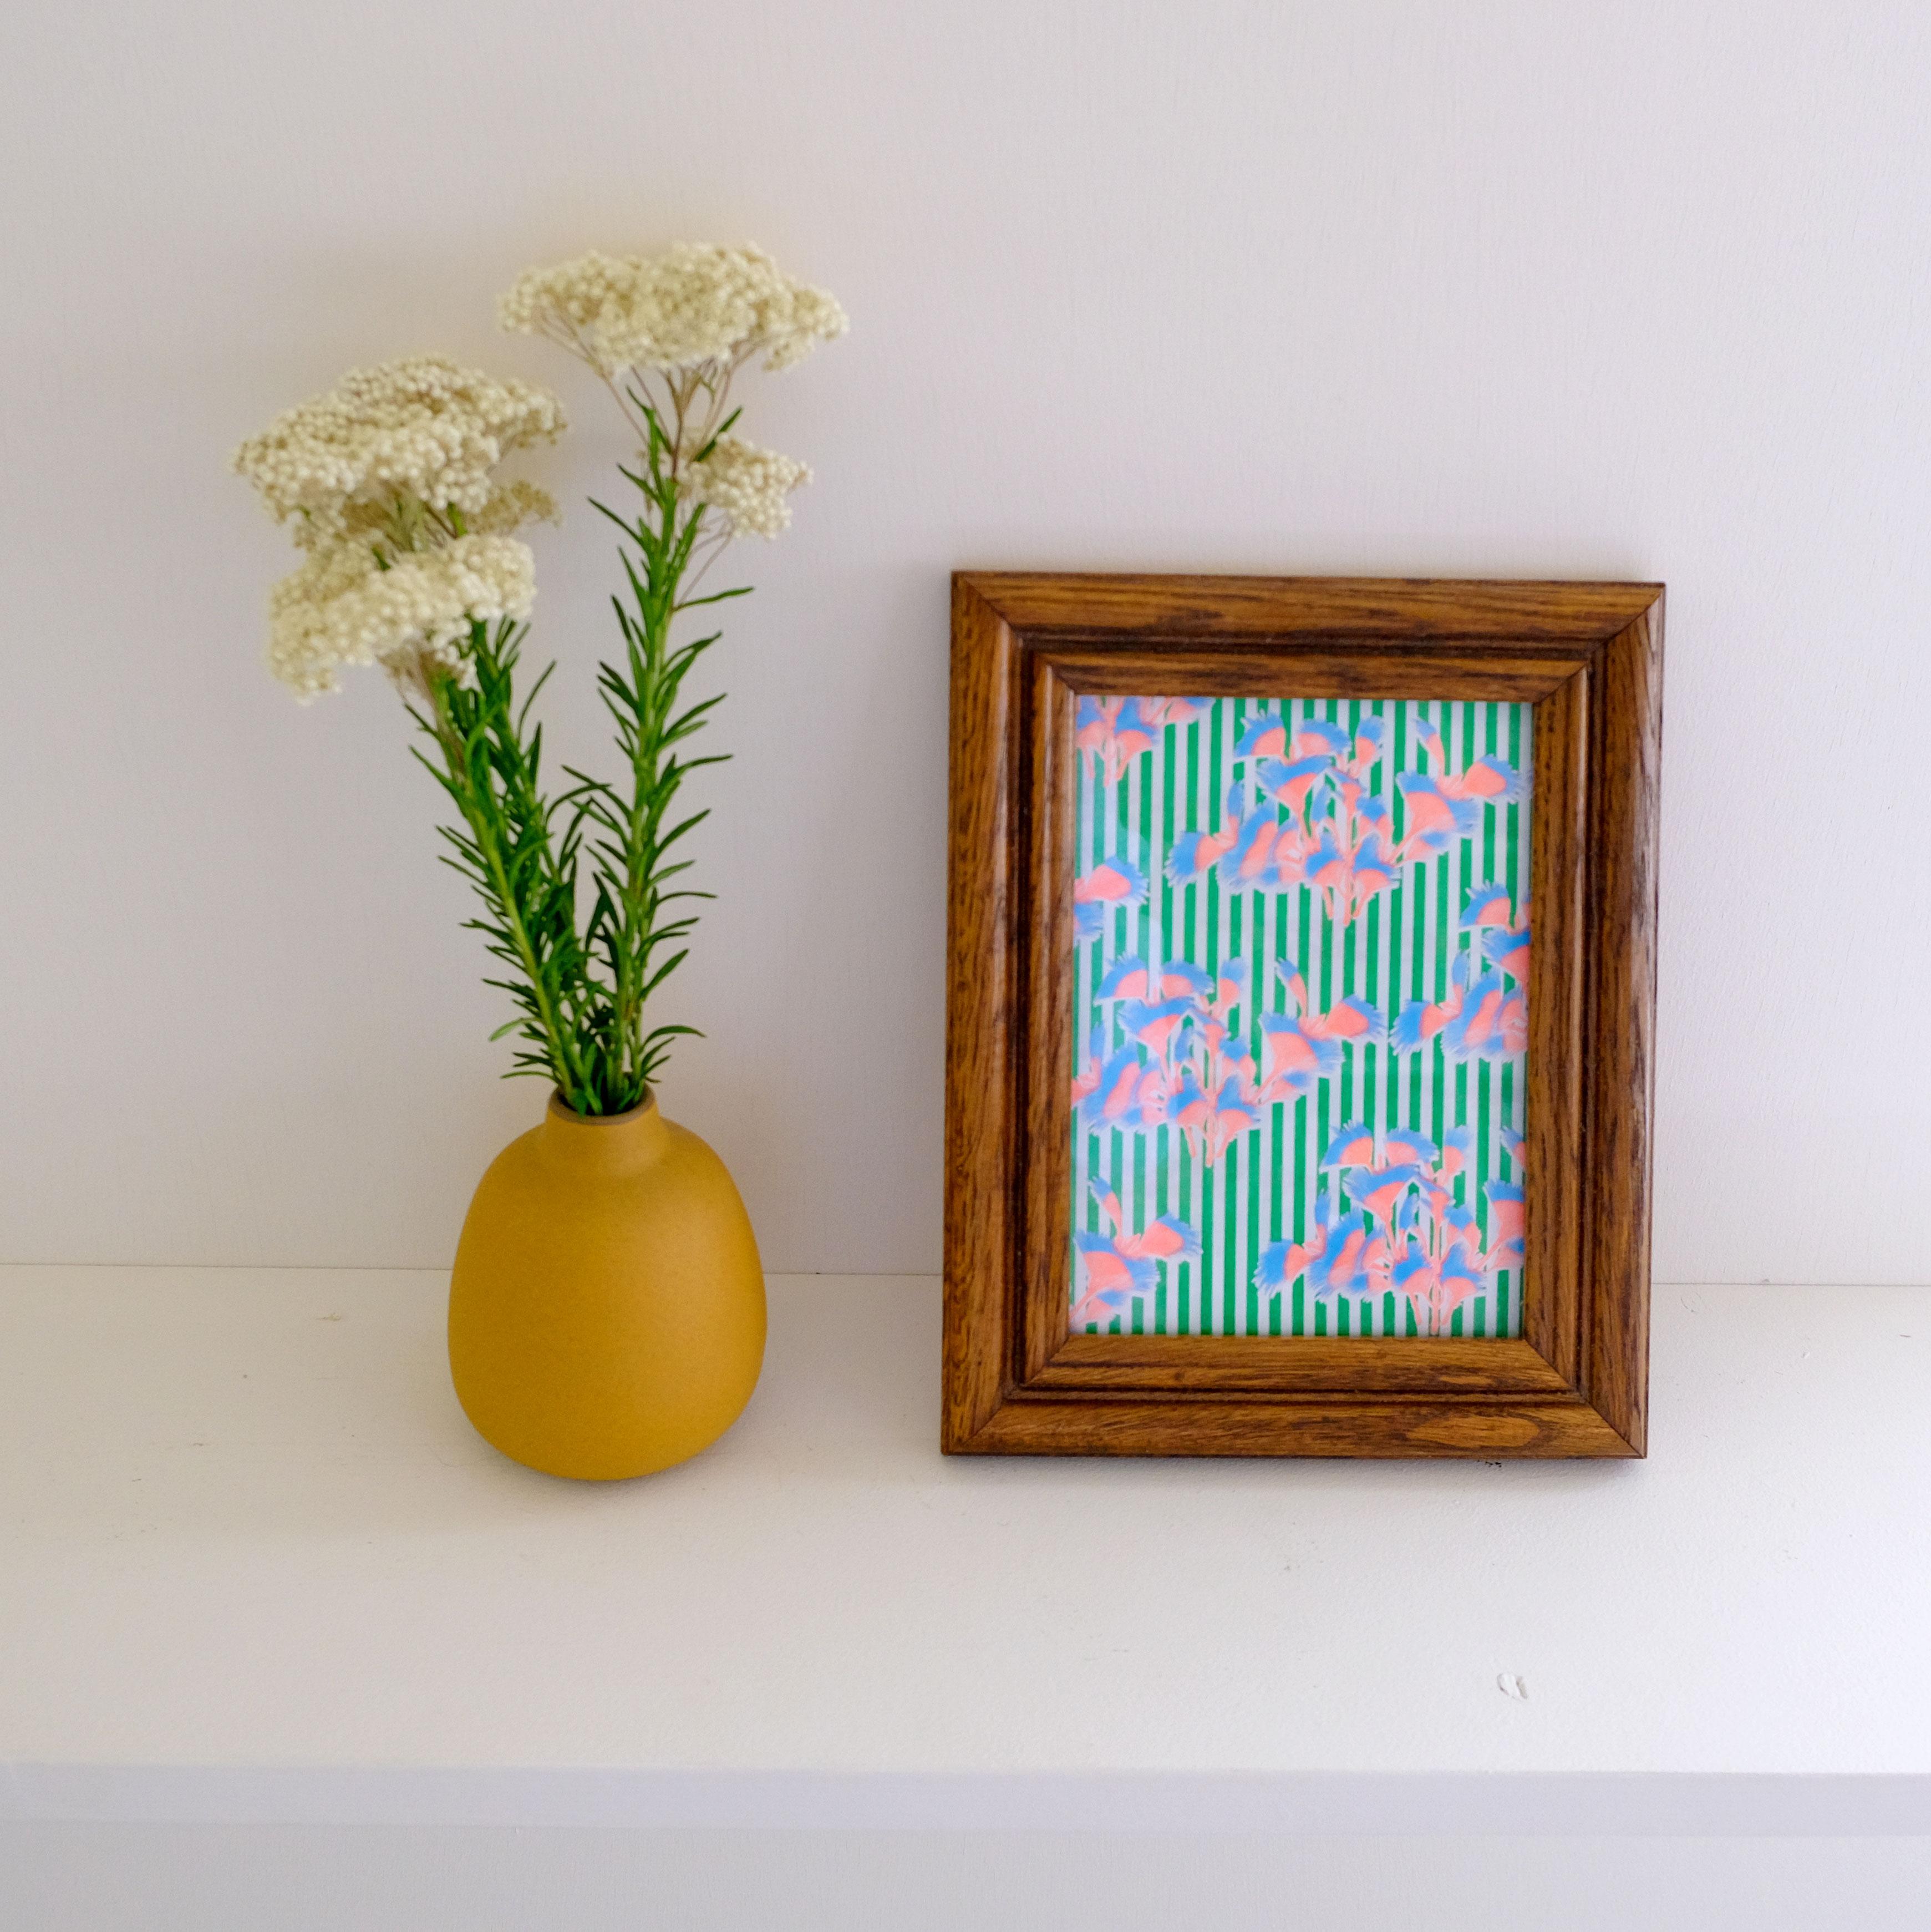 【MAMESUKI パターンペーパー活用法】カラフルなアートペーパーでお部屋に彩りを!